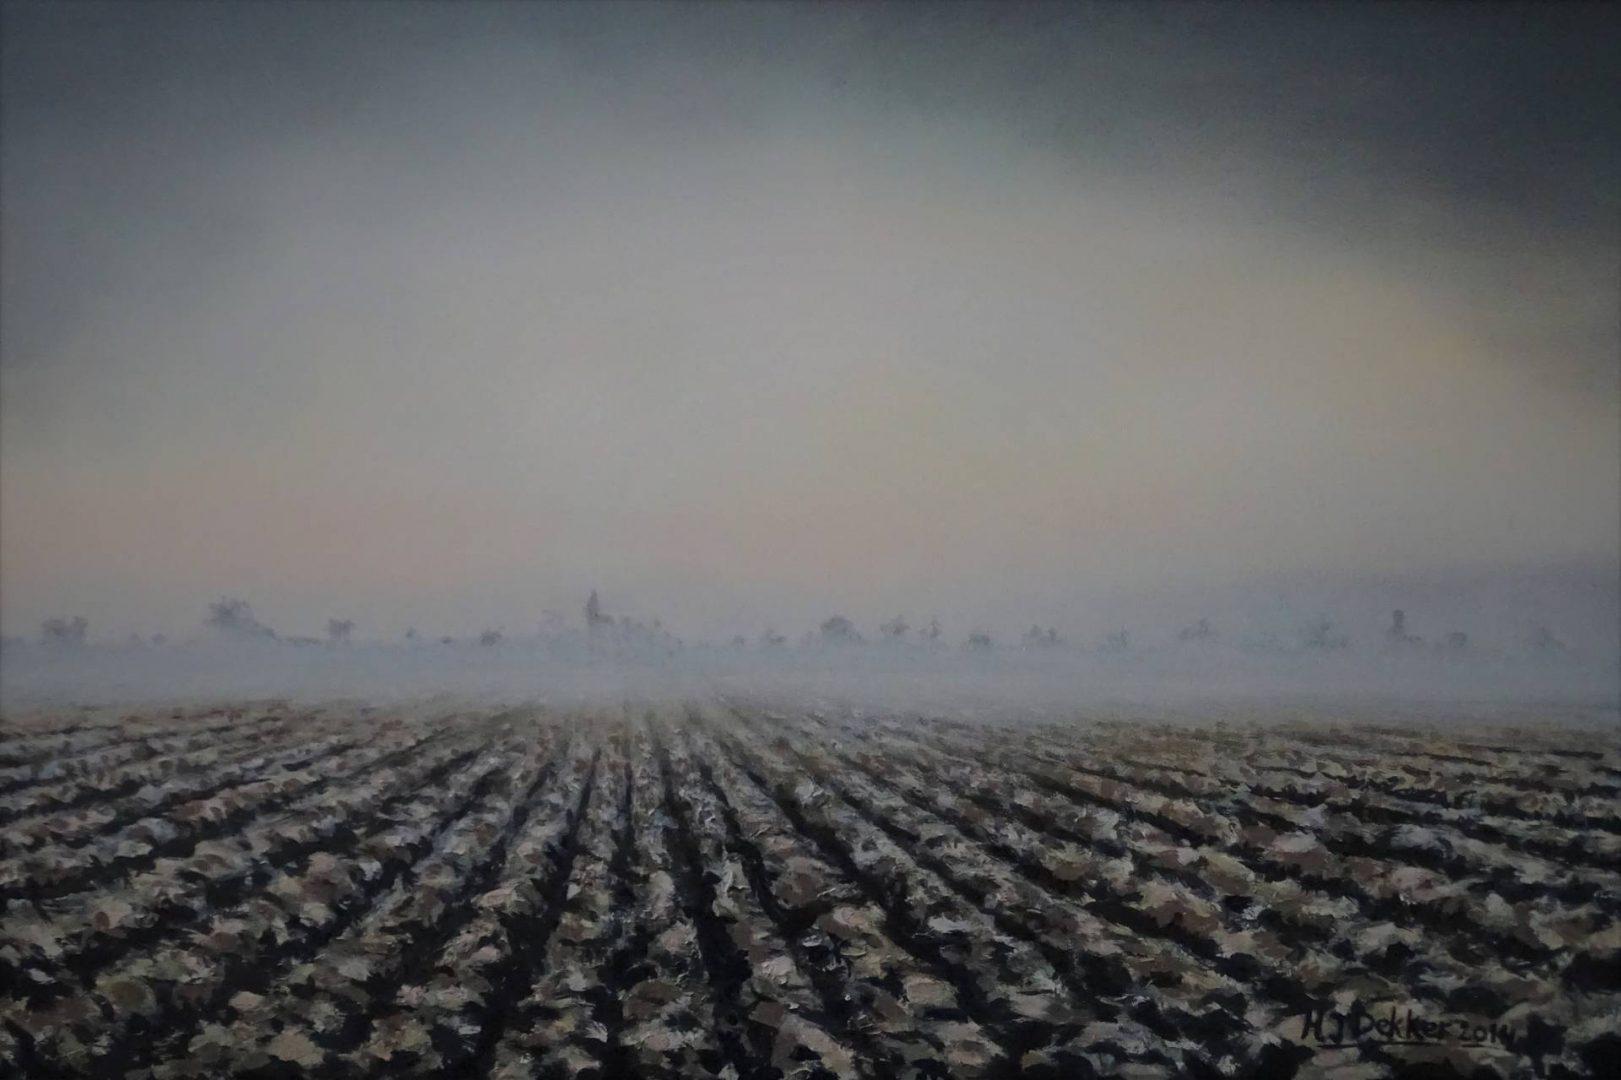 Plowed field 3